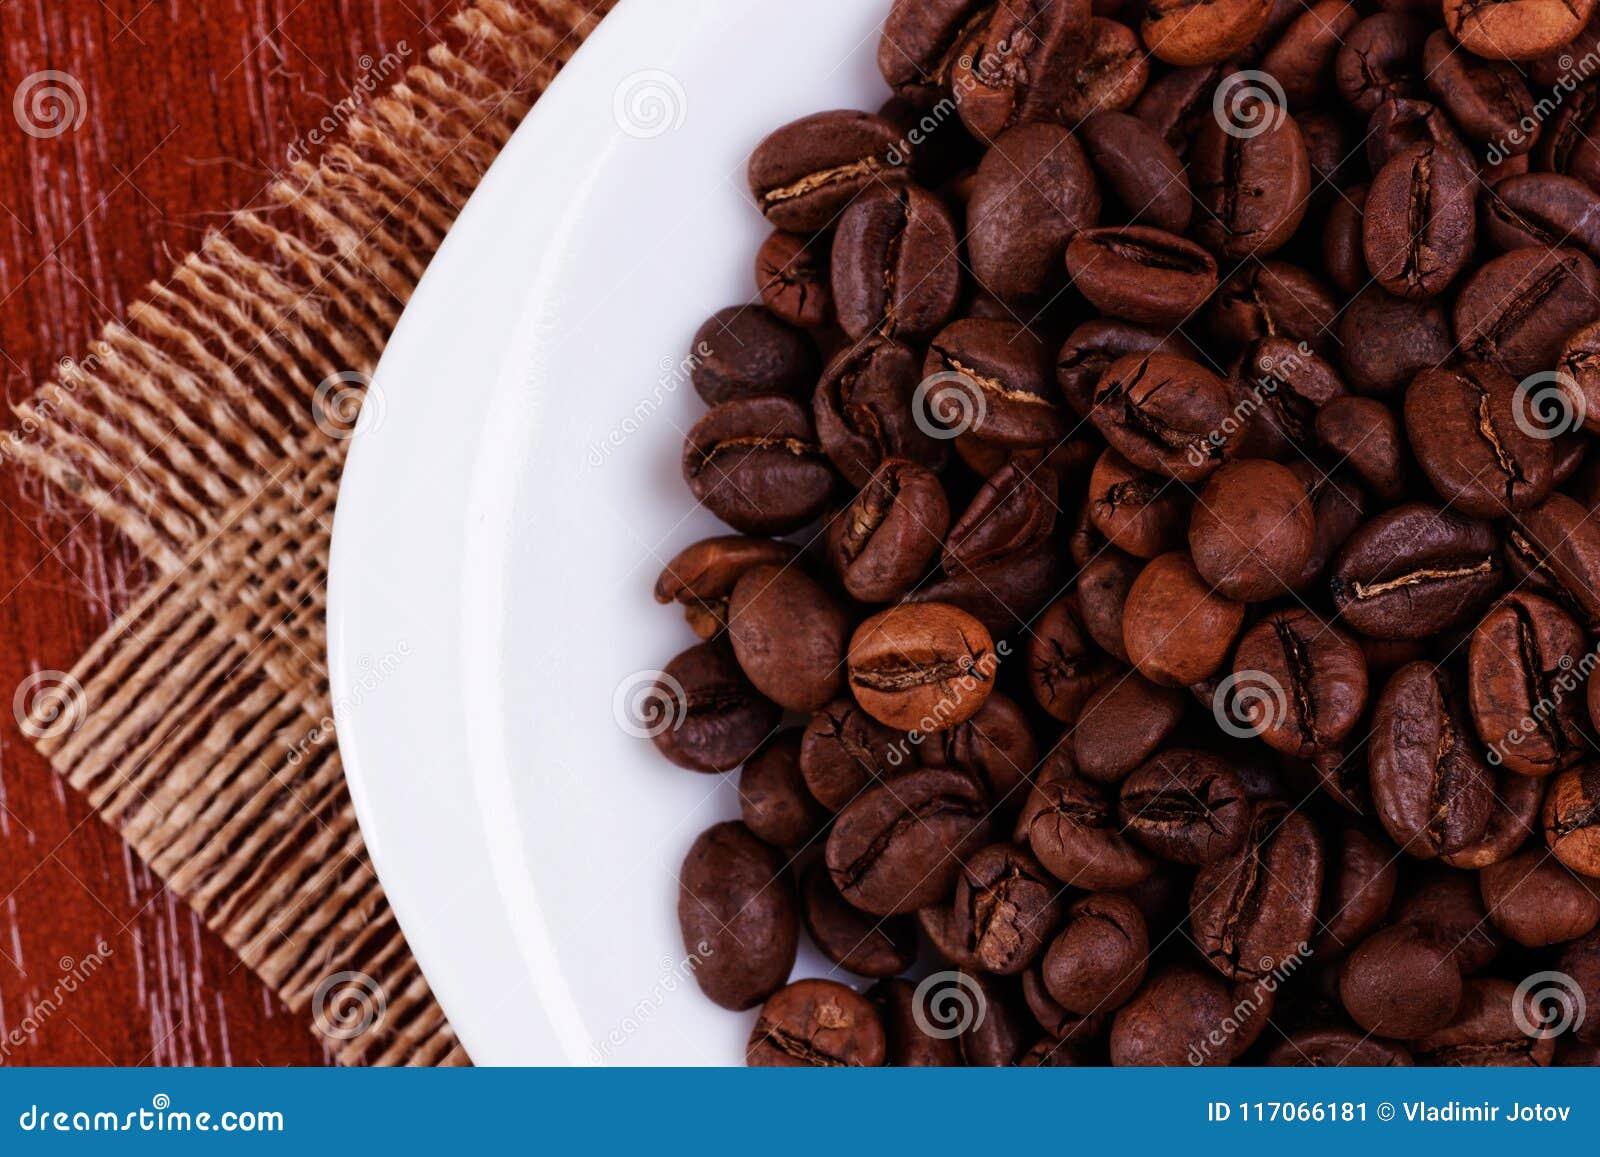 Platte mit mit Kaffeebohnen eine Spitzen-cpncept Ansicht